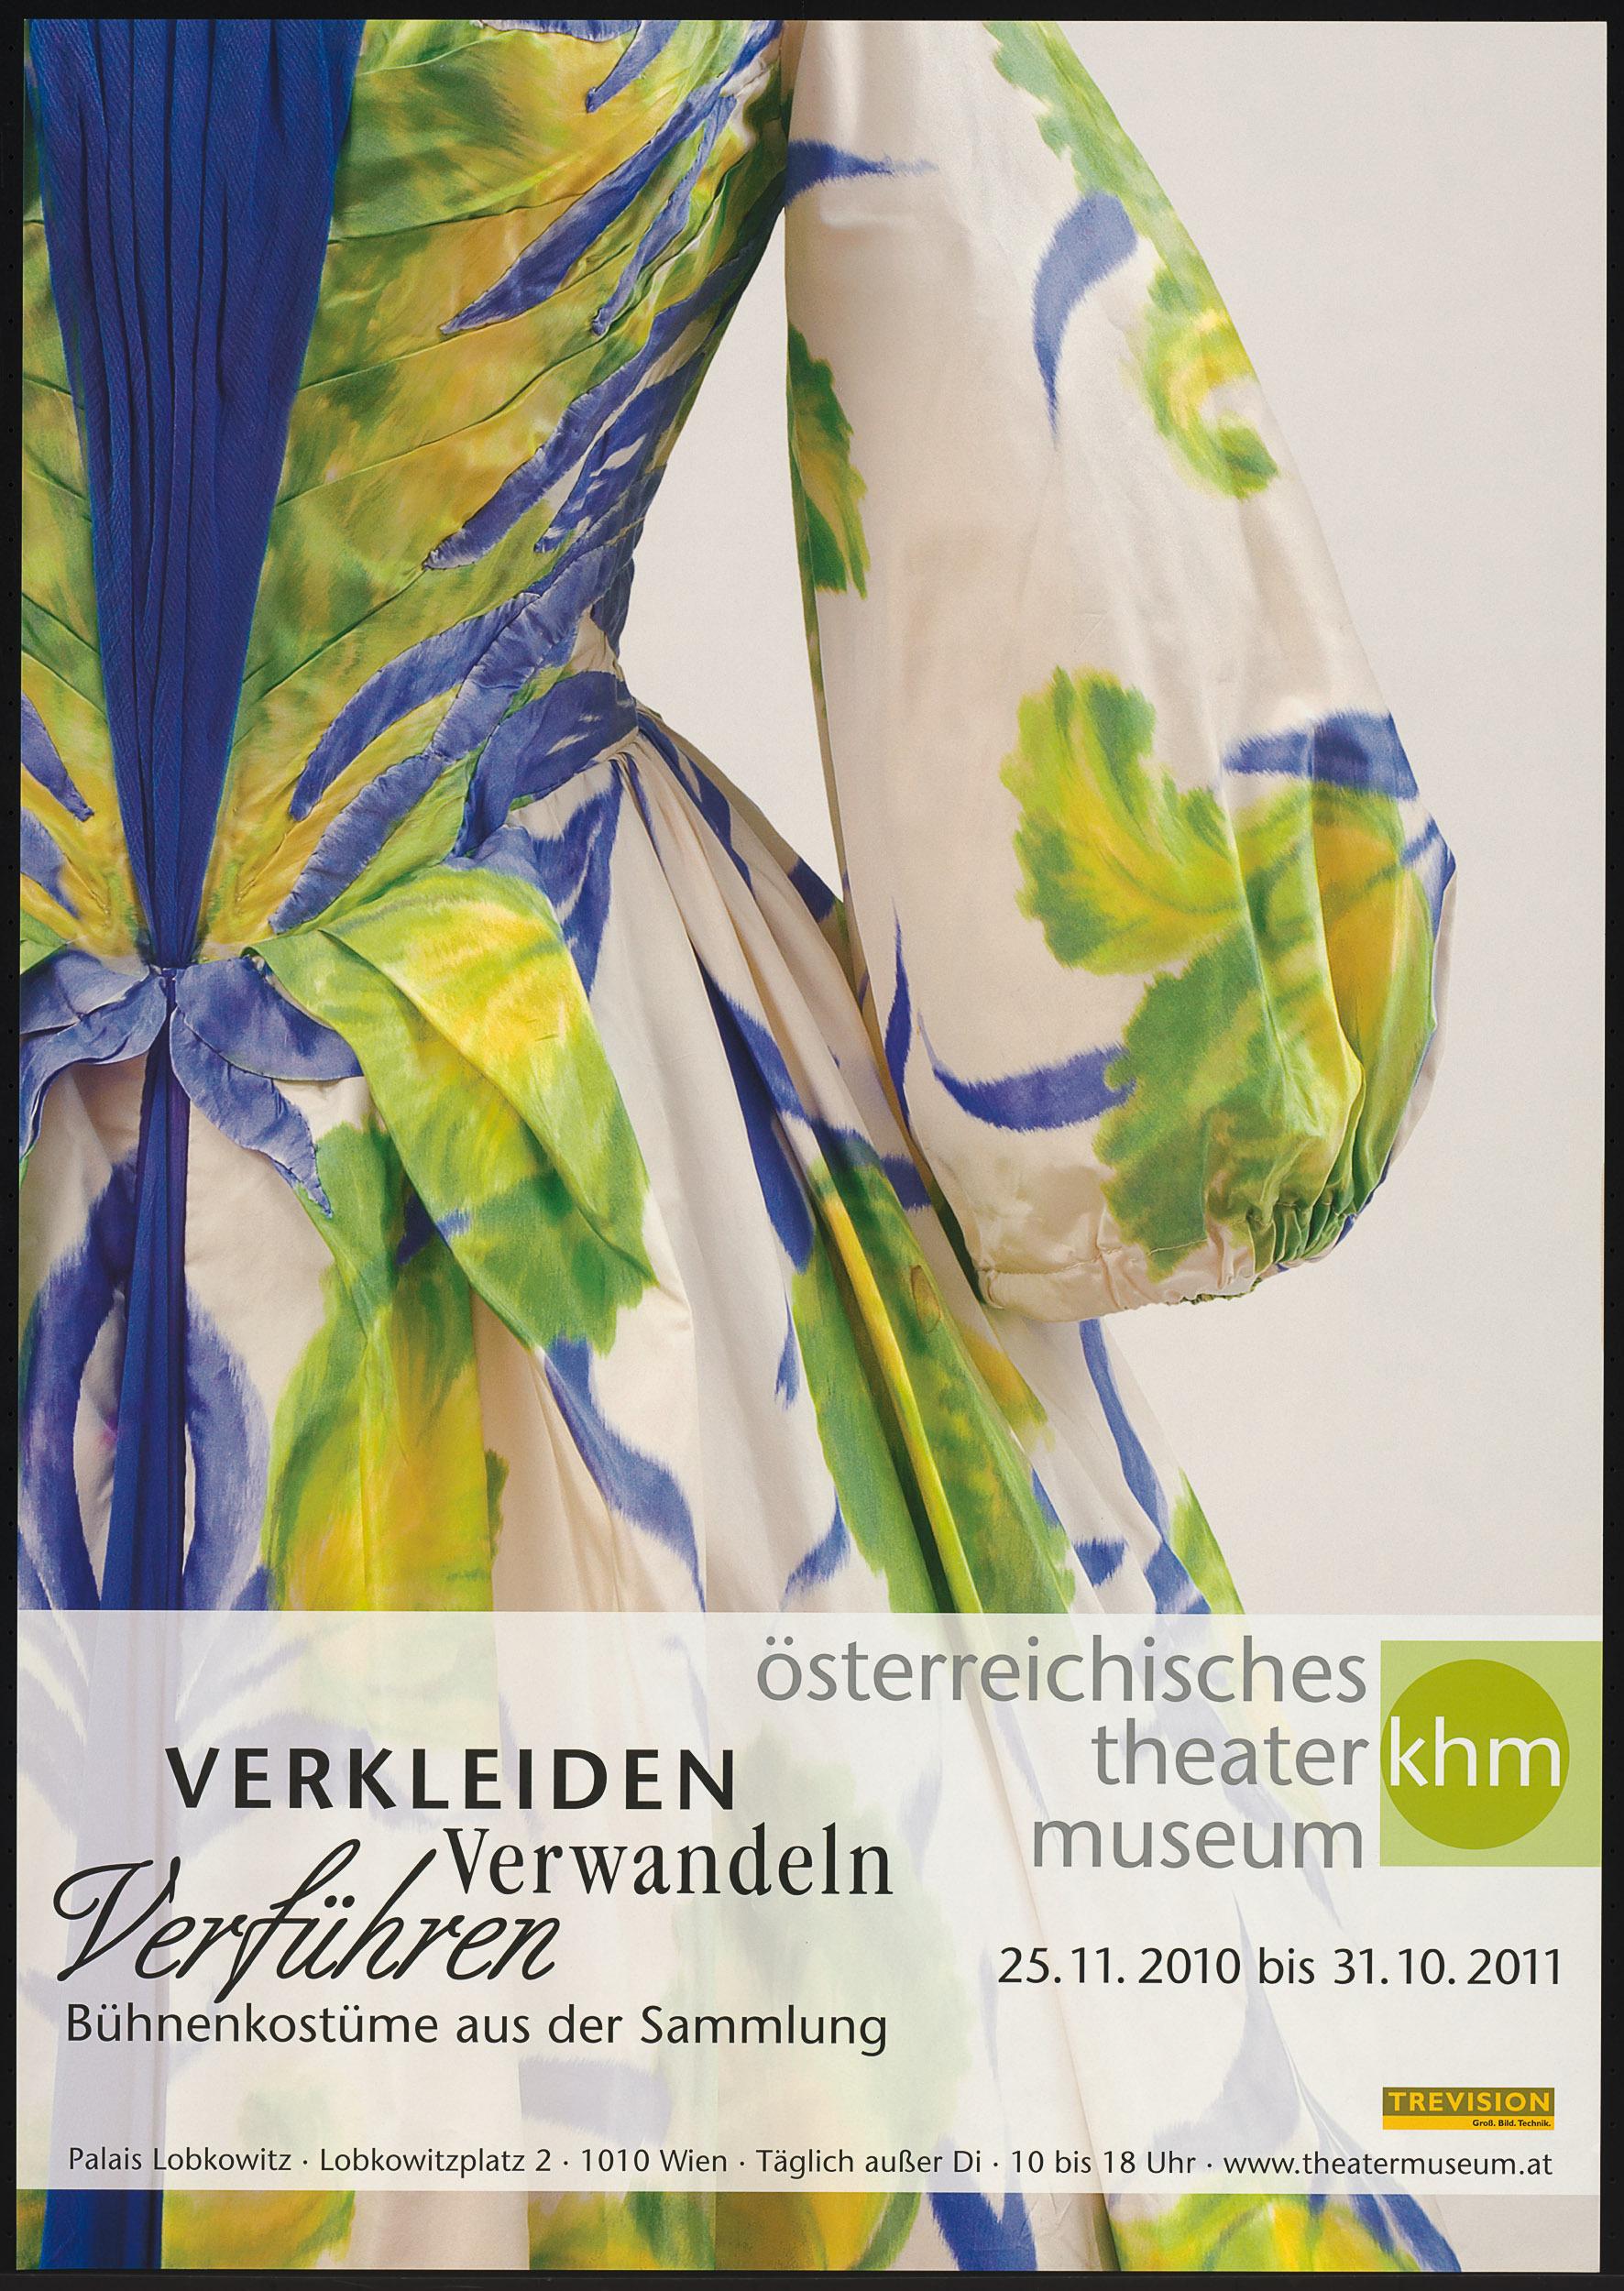 Verkleiden Verwandeln Verführen. Bühnenkostüme aus der Sammlung von Theatermuseum, Wien